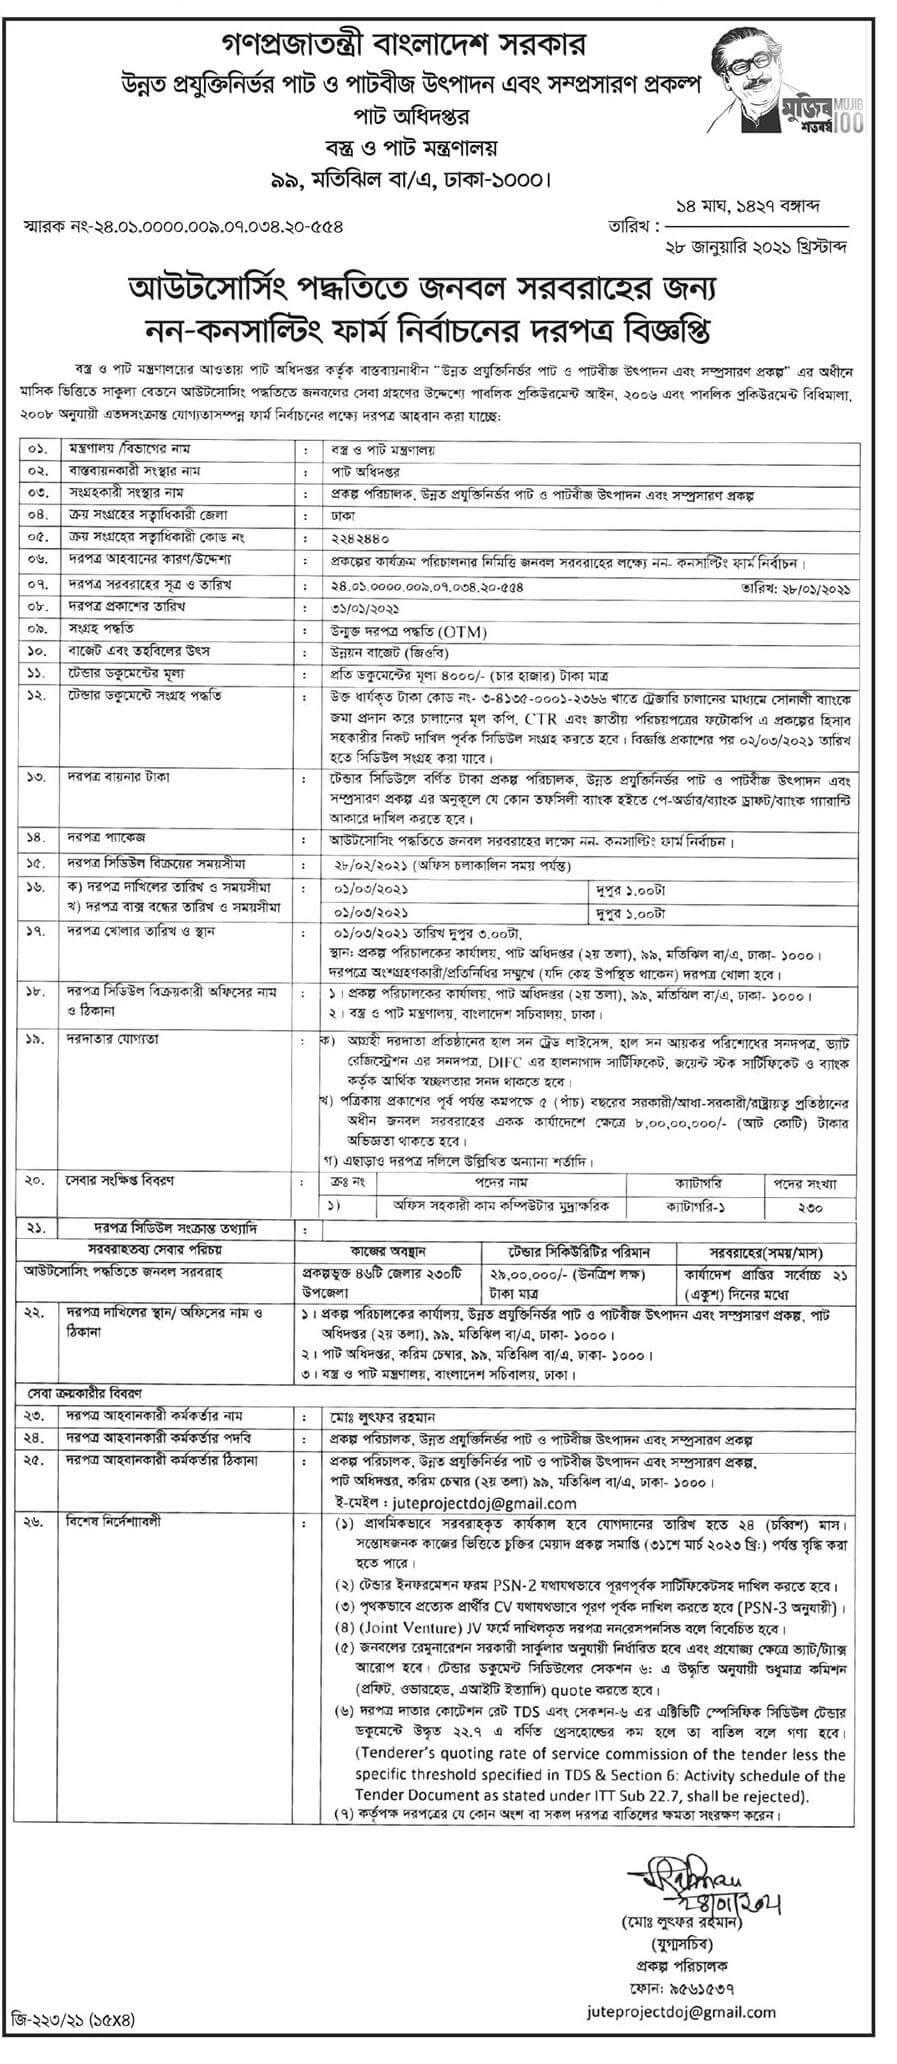 Department of Jute dgjute job circular 2021